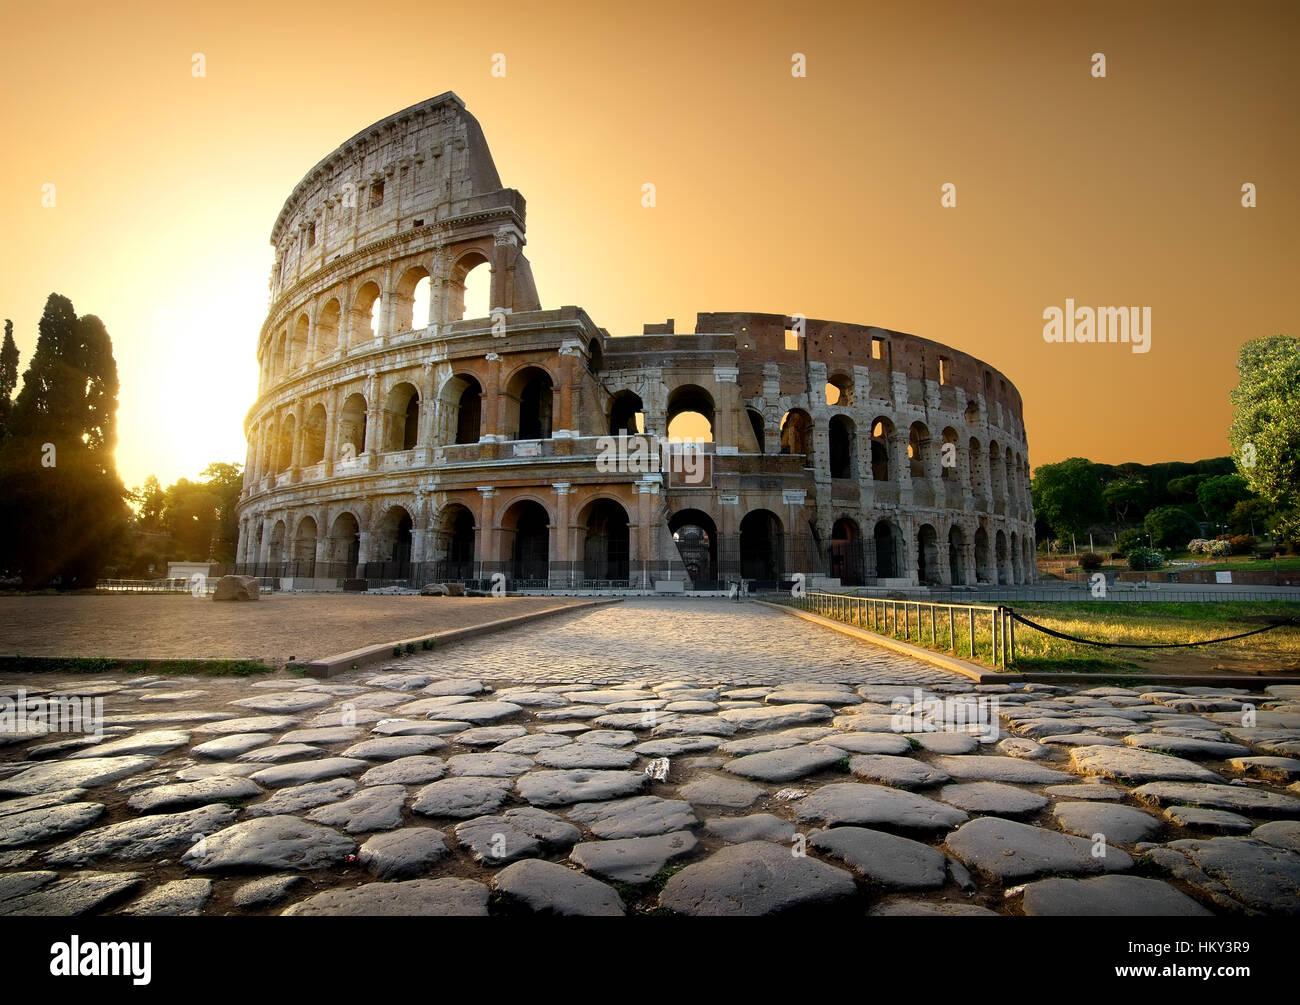 Il Colosseo e il cielo giallo a Roma, Italia Immagini Stock